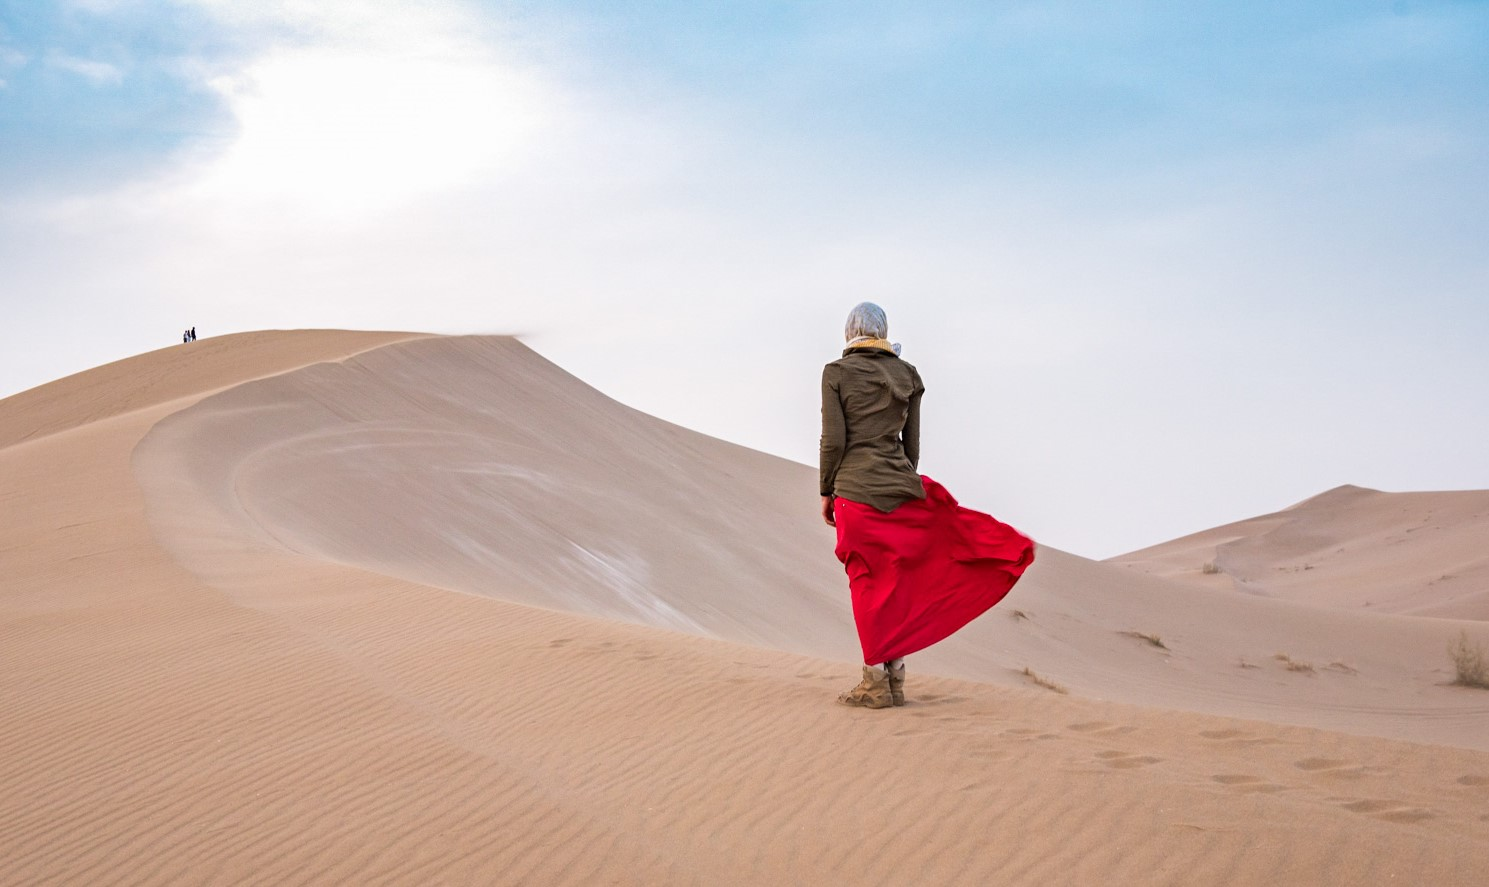 IRAN; CULTURA, NATURA, DESERTO